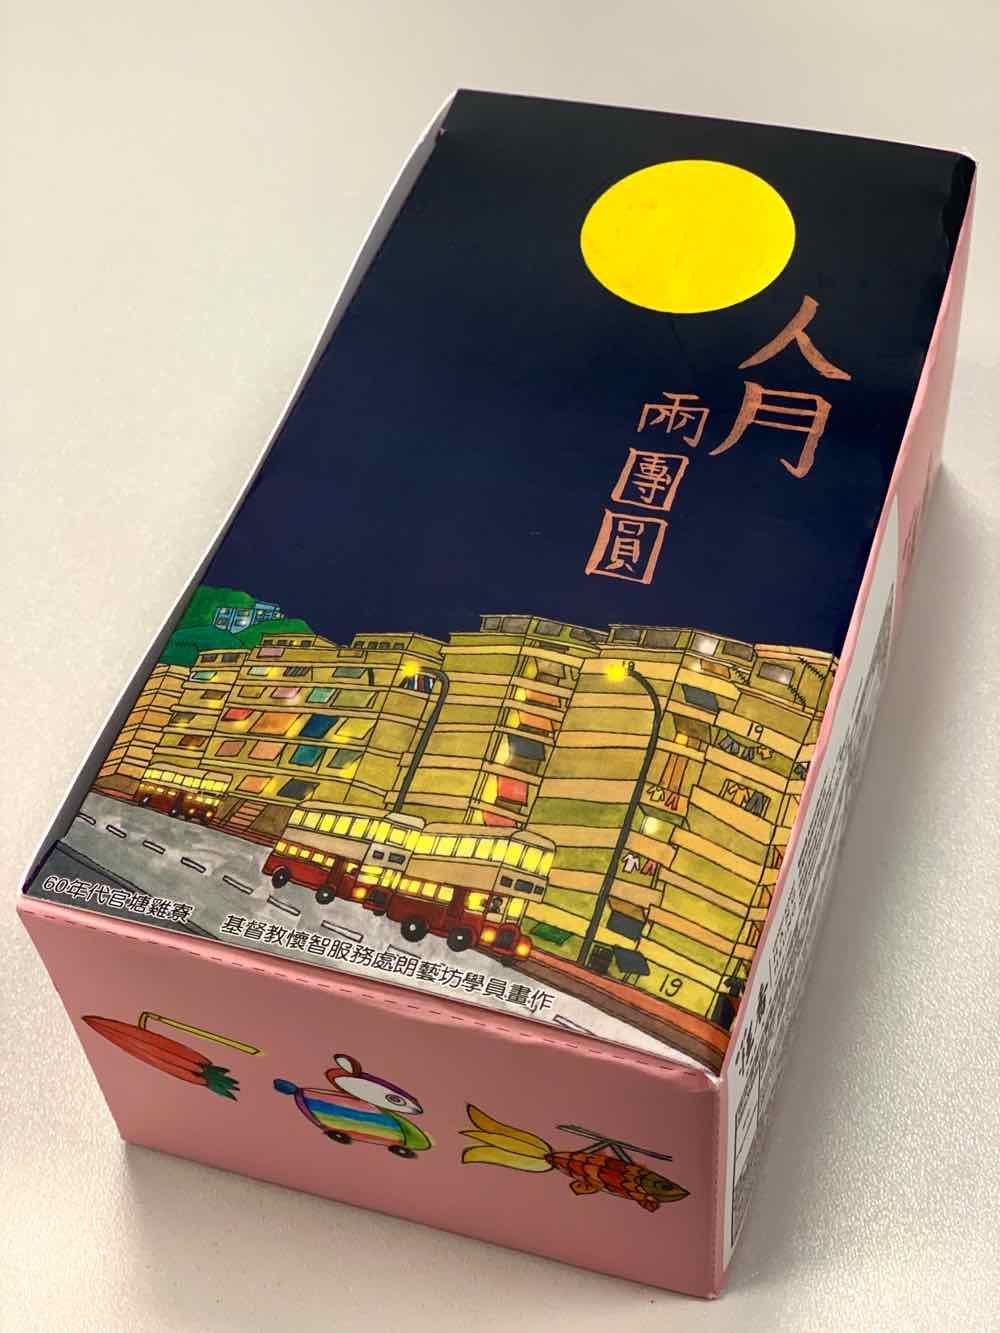 恆香‧YM2 中秋綵燈會   6 大必影必玩打卡位月餅展銷限定消費賞